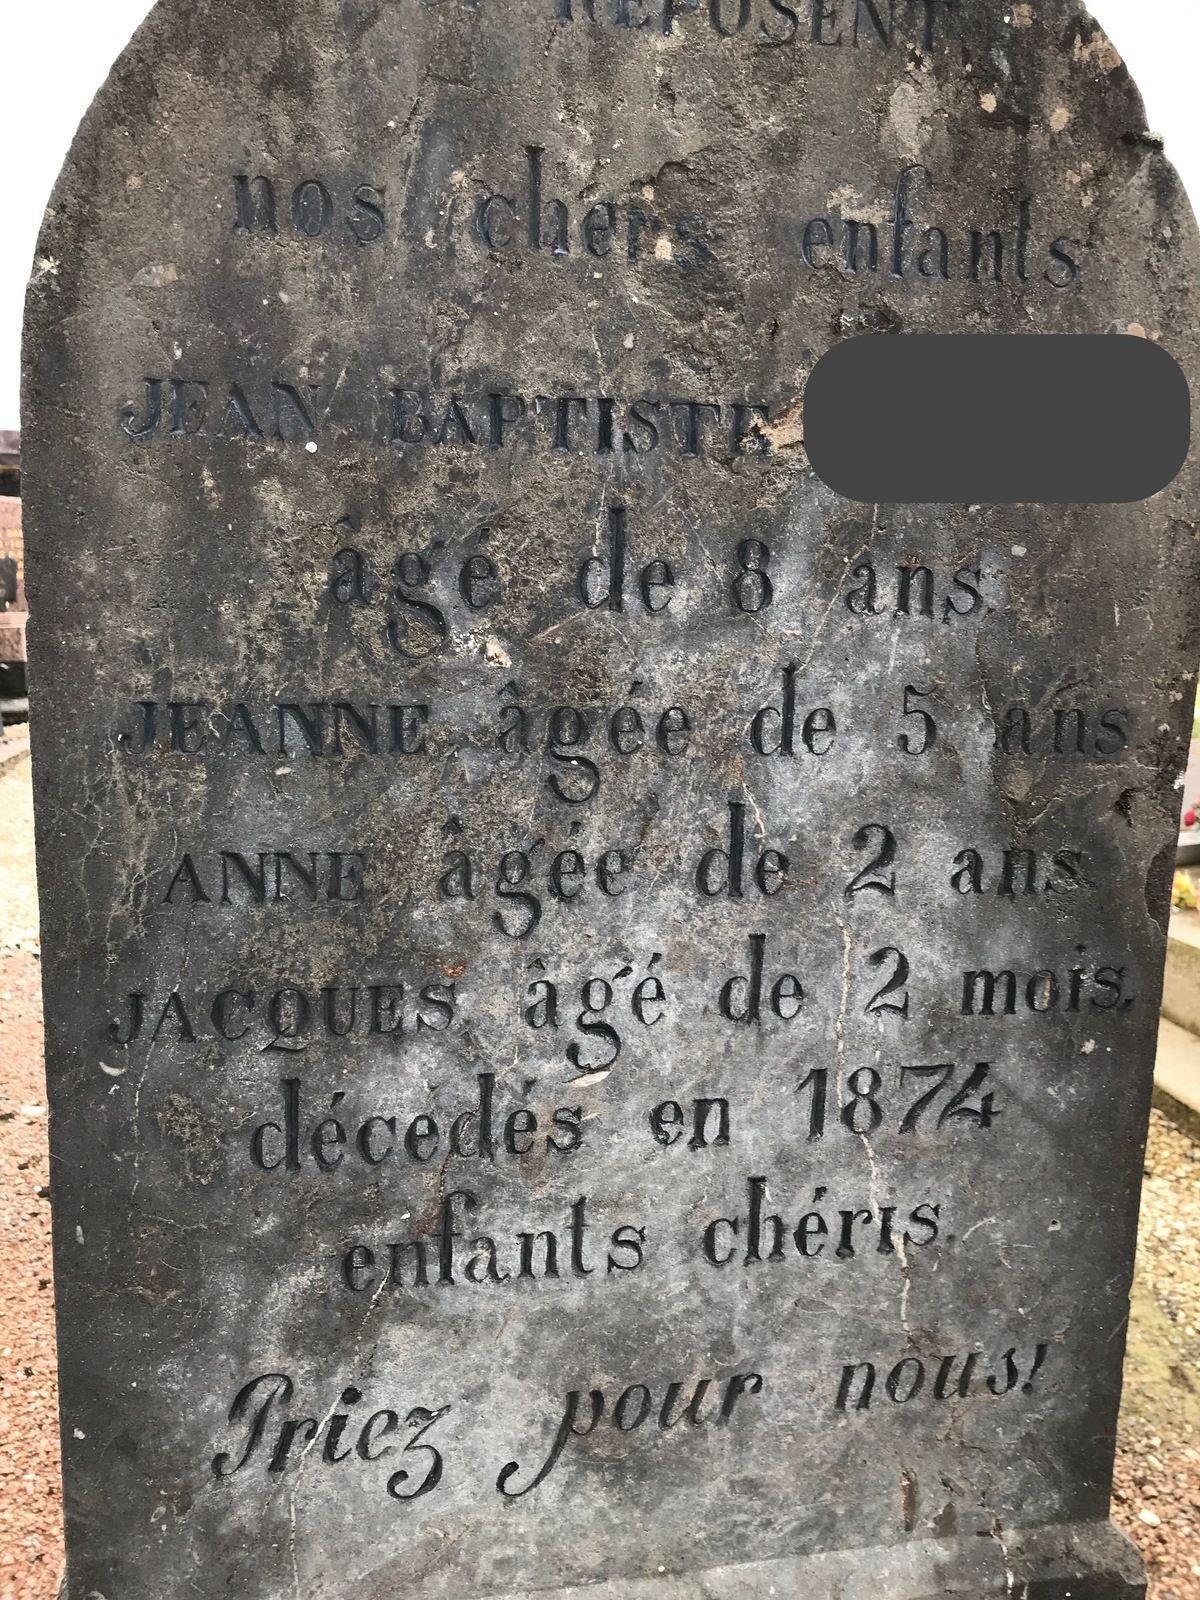 Une vieille tombe, d'un temps passé, qui n'était pas bon... A la recherche du réel...